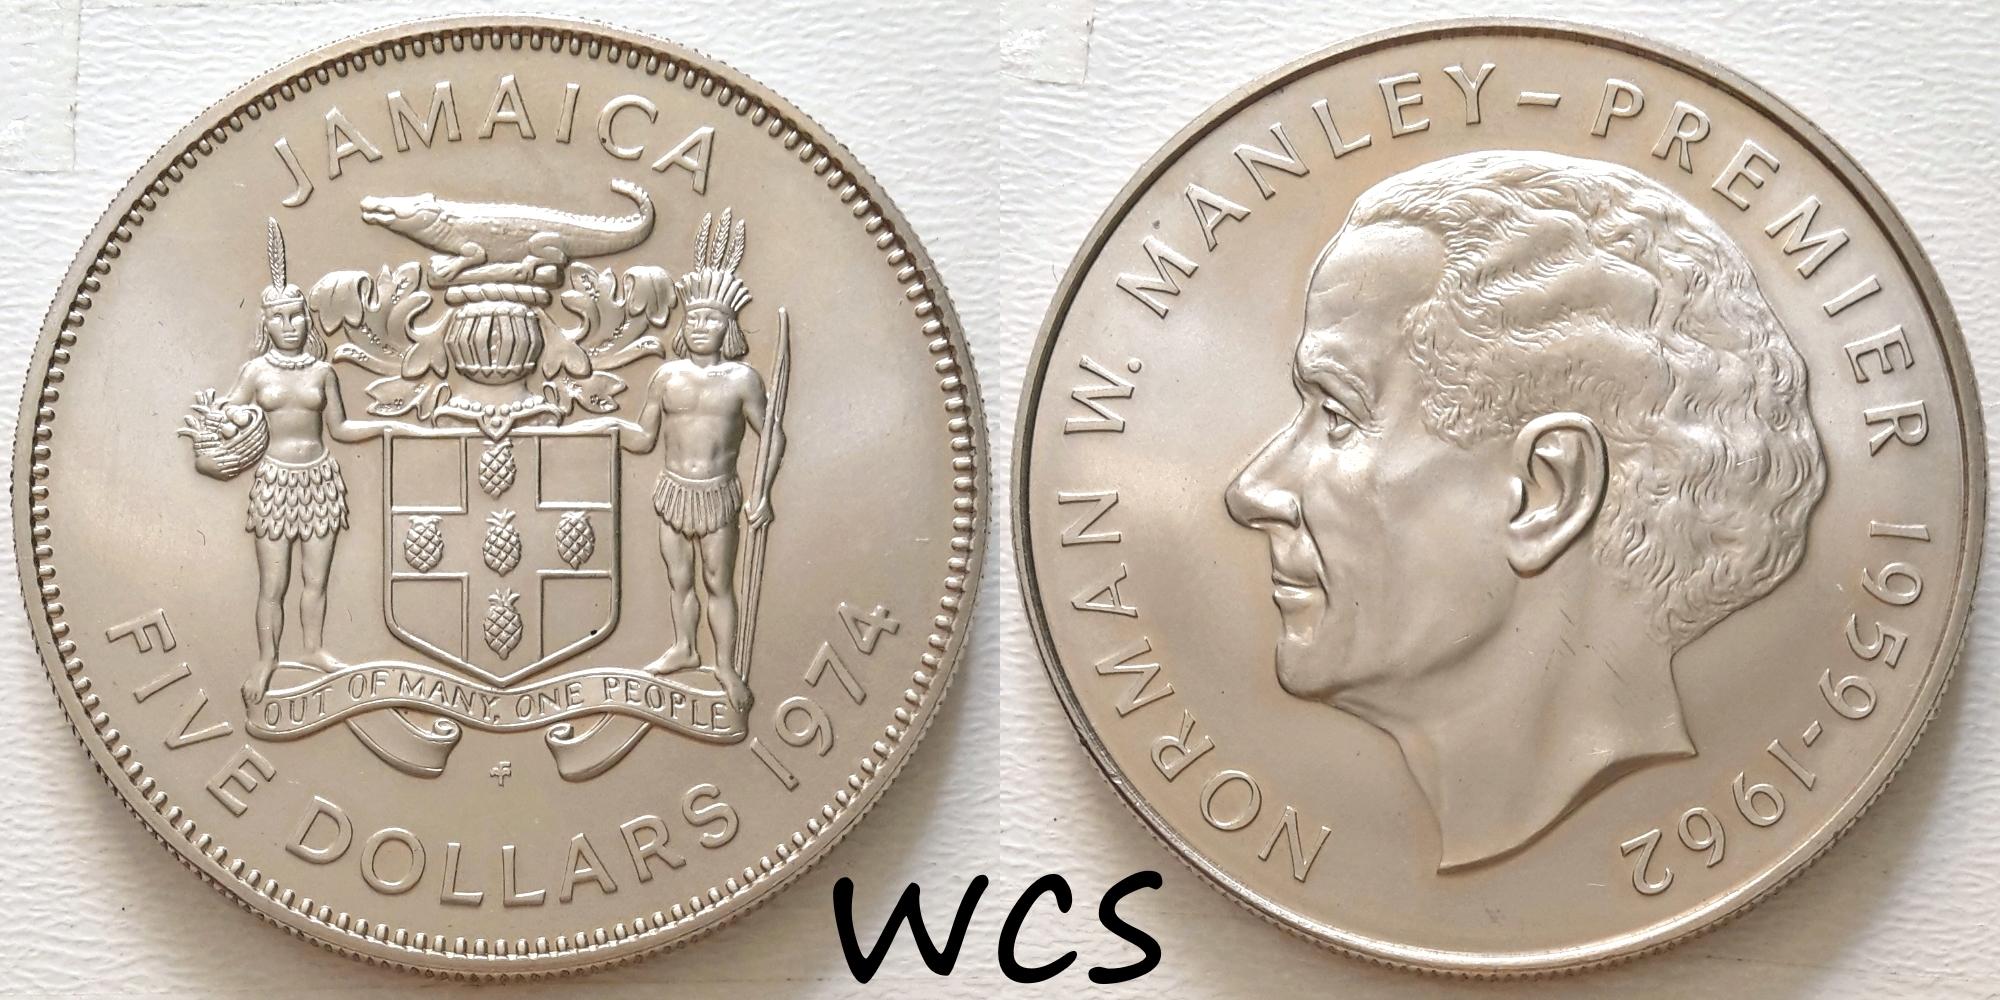 Jamaica 5 Dollars 1974